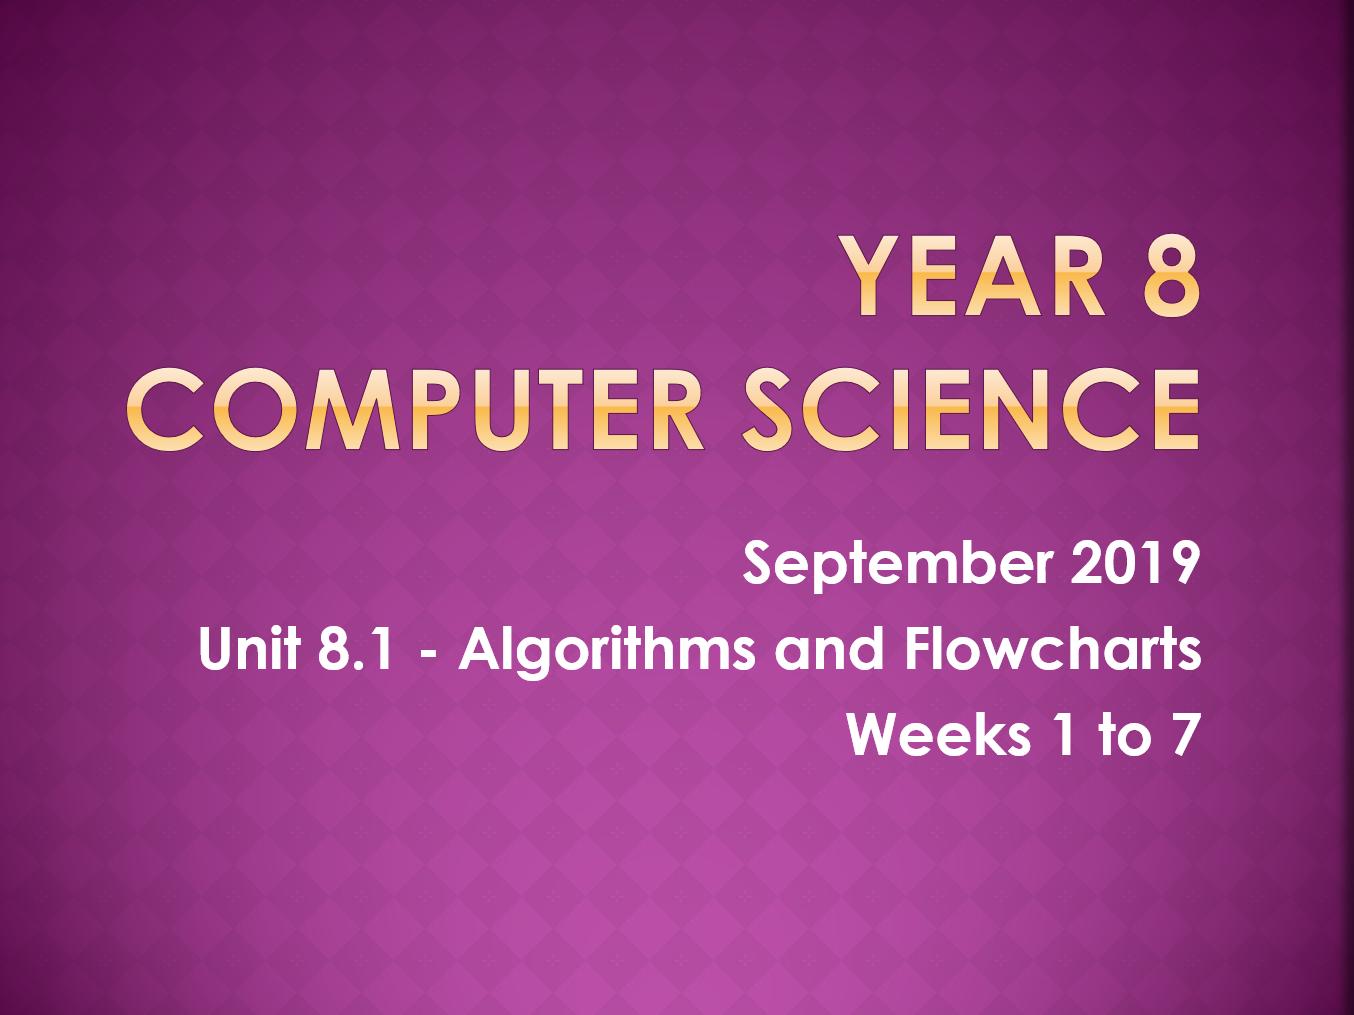 Complete Computer Science KS3 SOW: Algorithms & Flowcharts